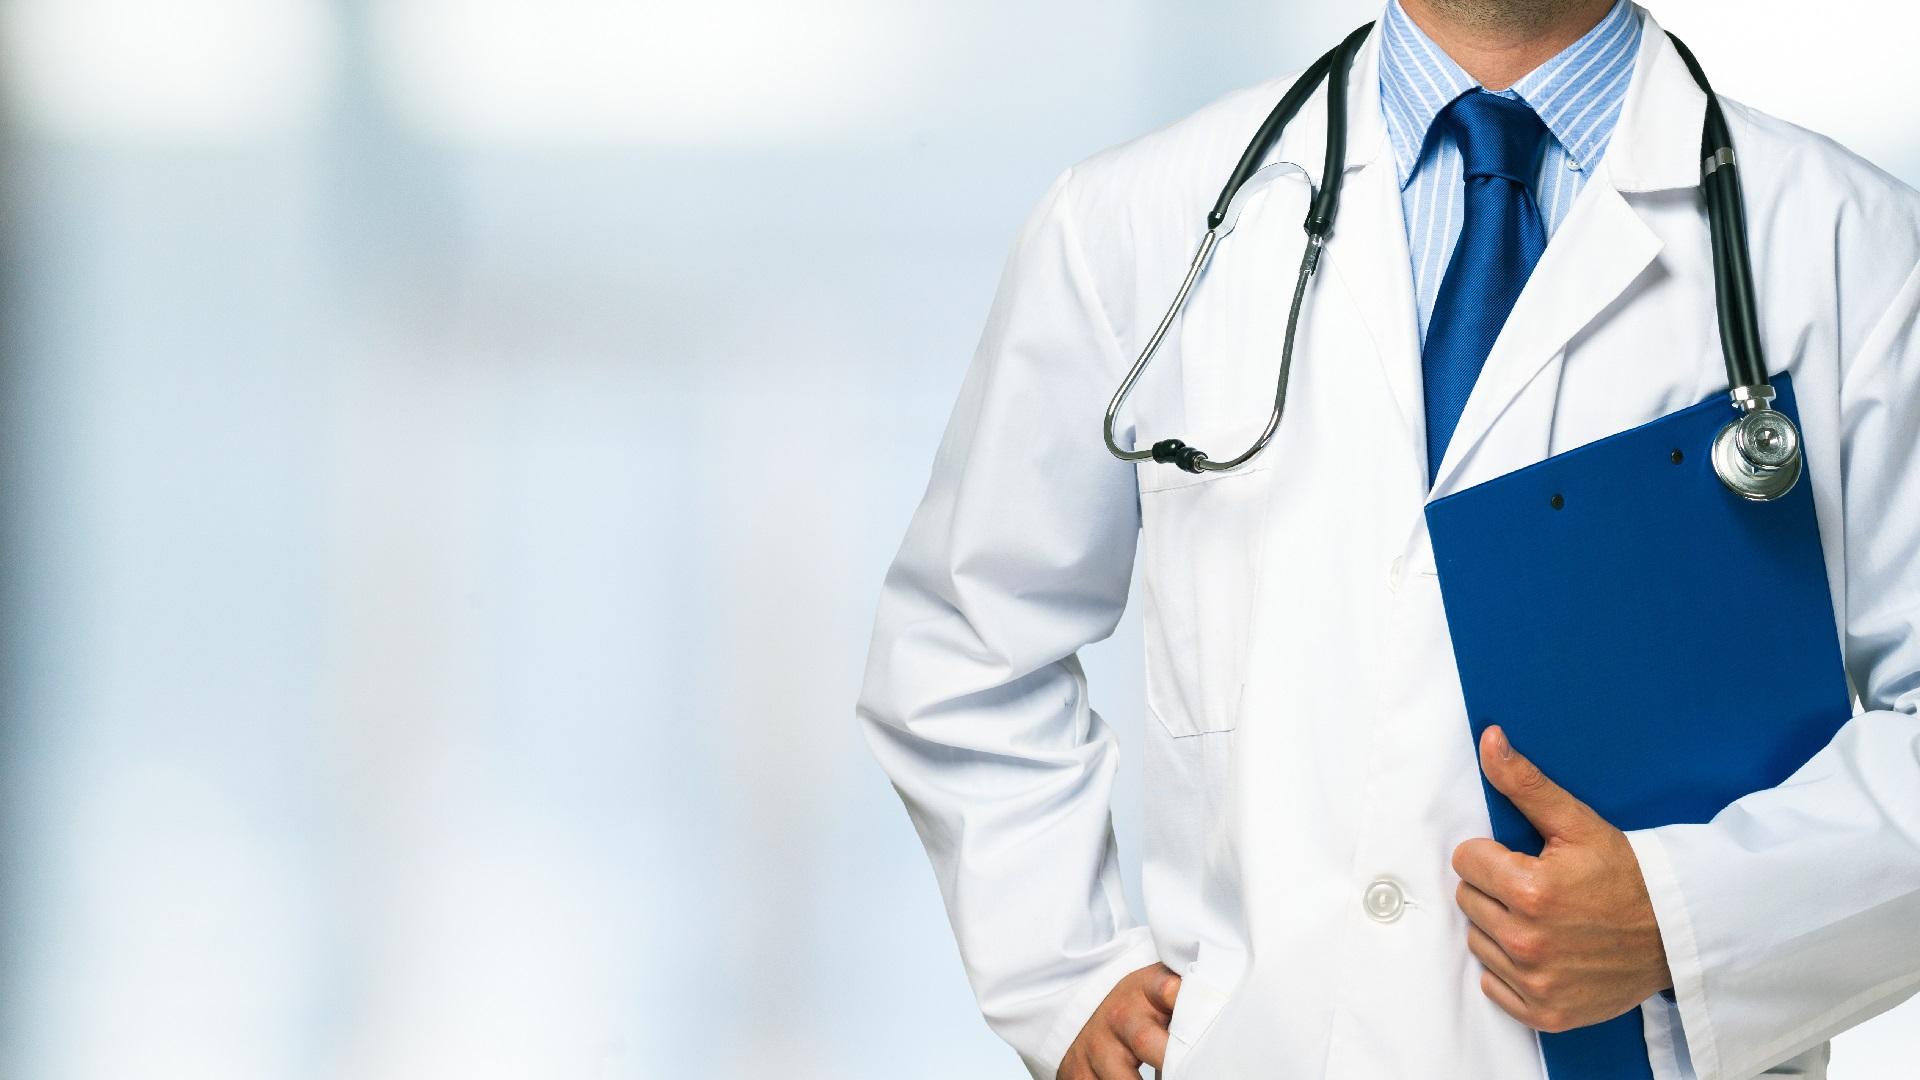 Médico wallpaper, disponível para ajudar.